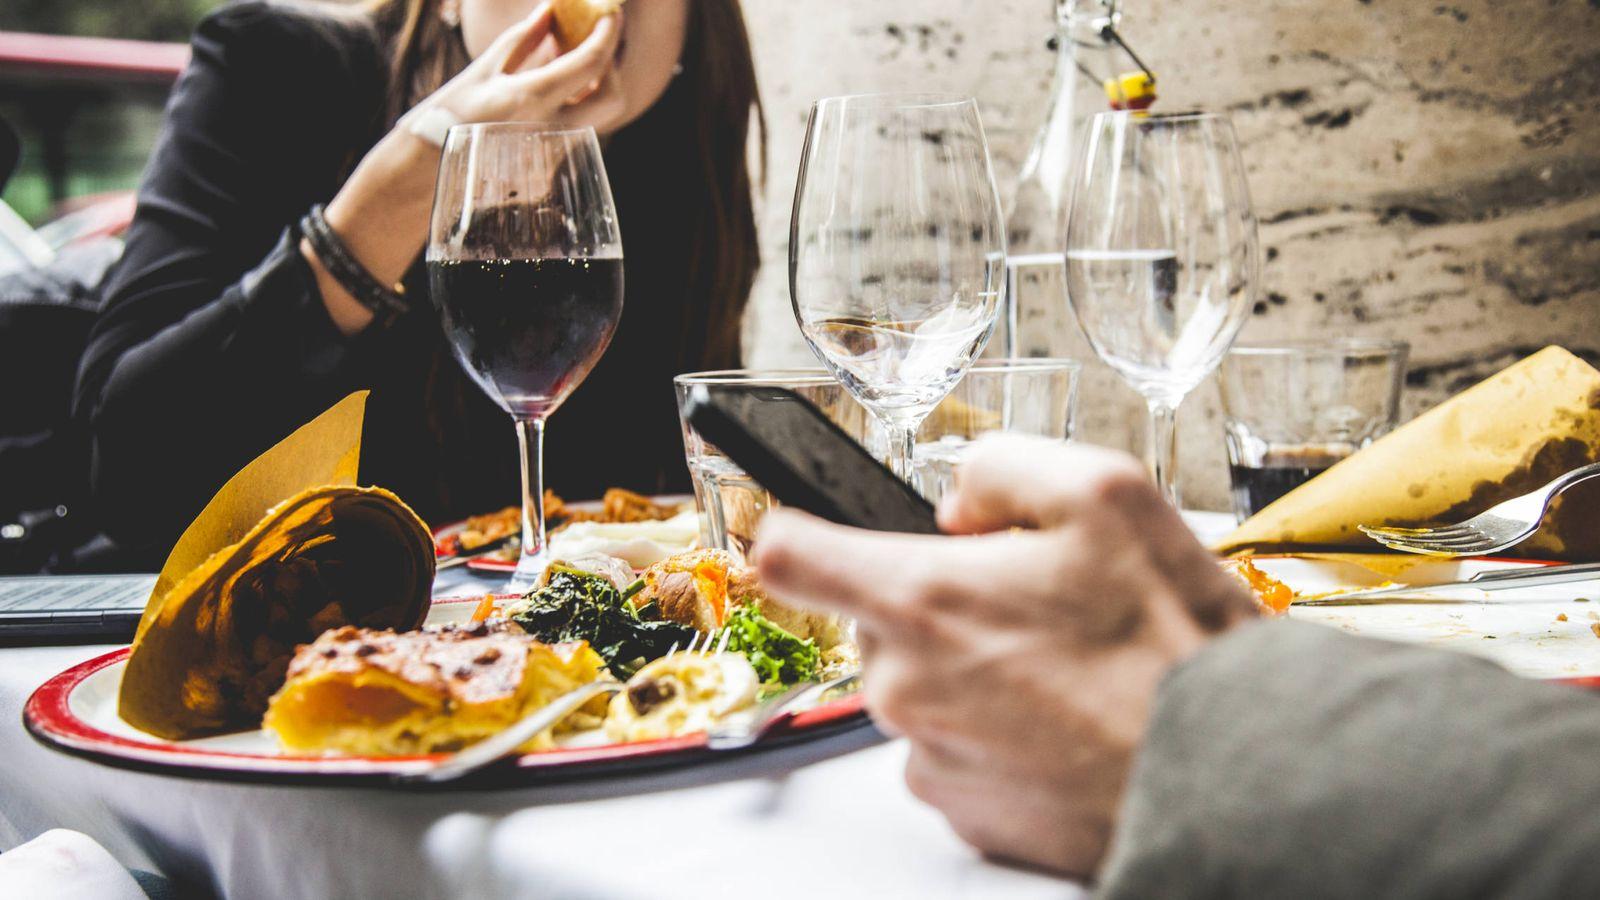 cena lujo 10 cosas que nunca debes hacer en una cena